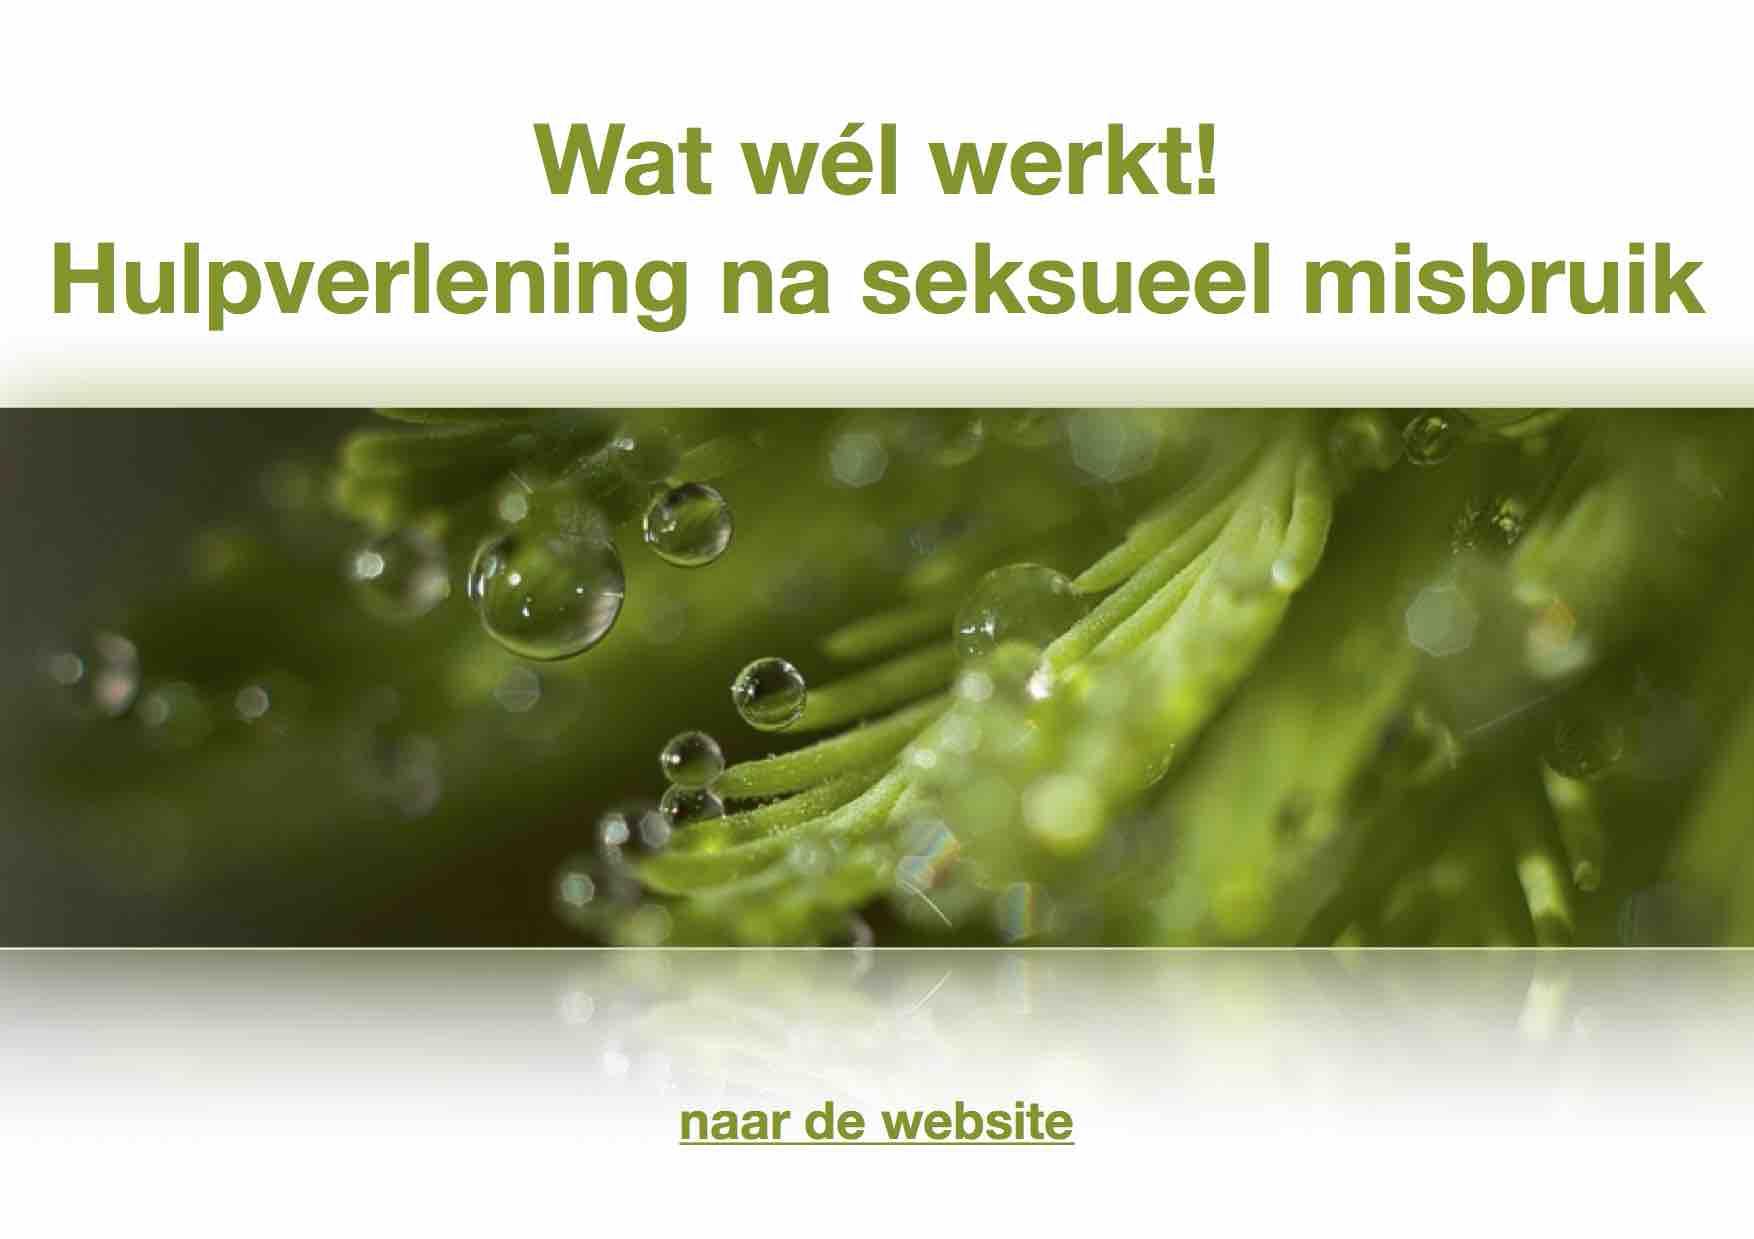 banner-website-hulpv-na-seks-misbruik